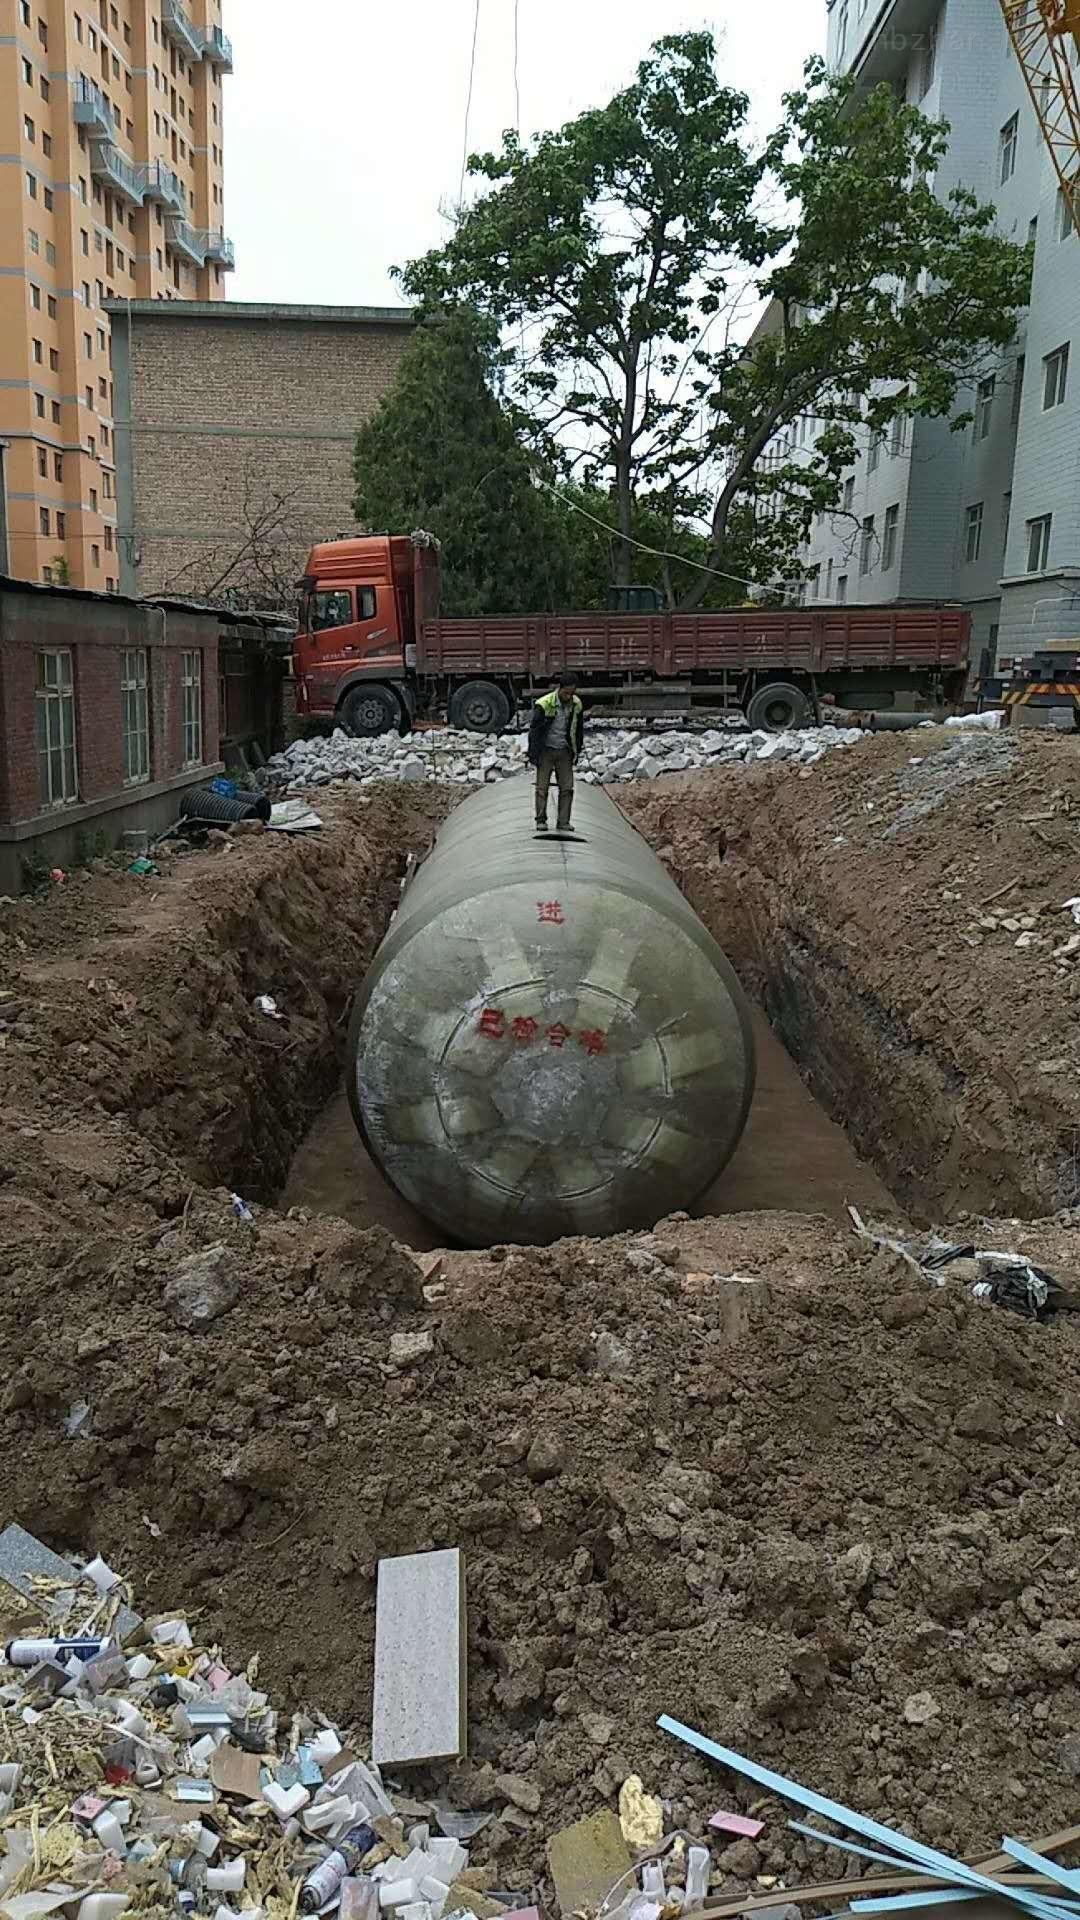 内蒙古自治区鄂尔多斯一体化污水处理设备工艺特点